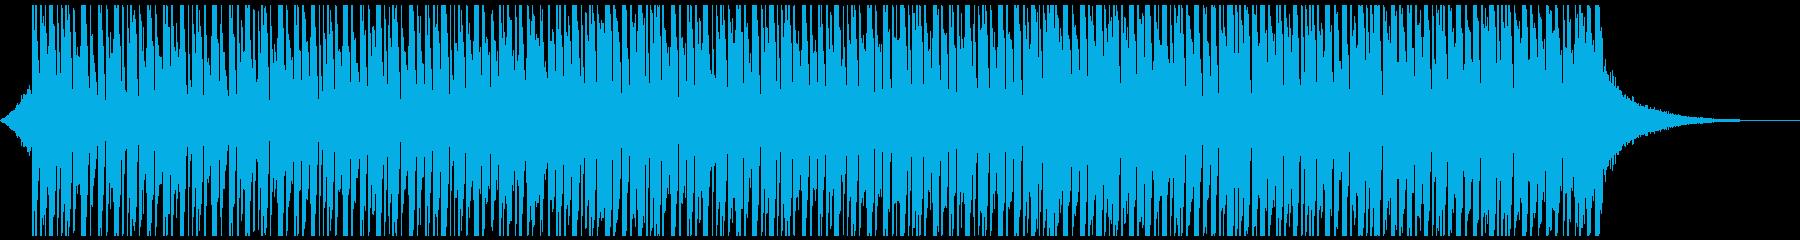 ハッピーダンス(55秒)の再生済みの波形